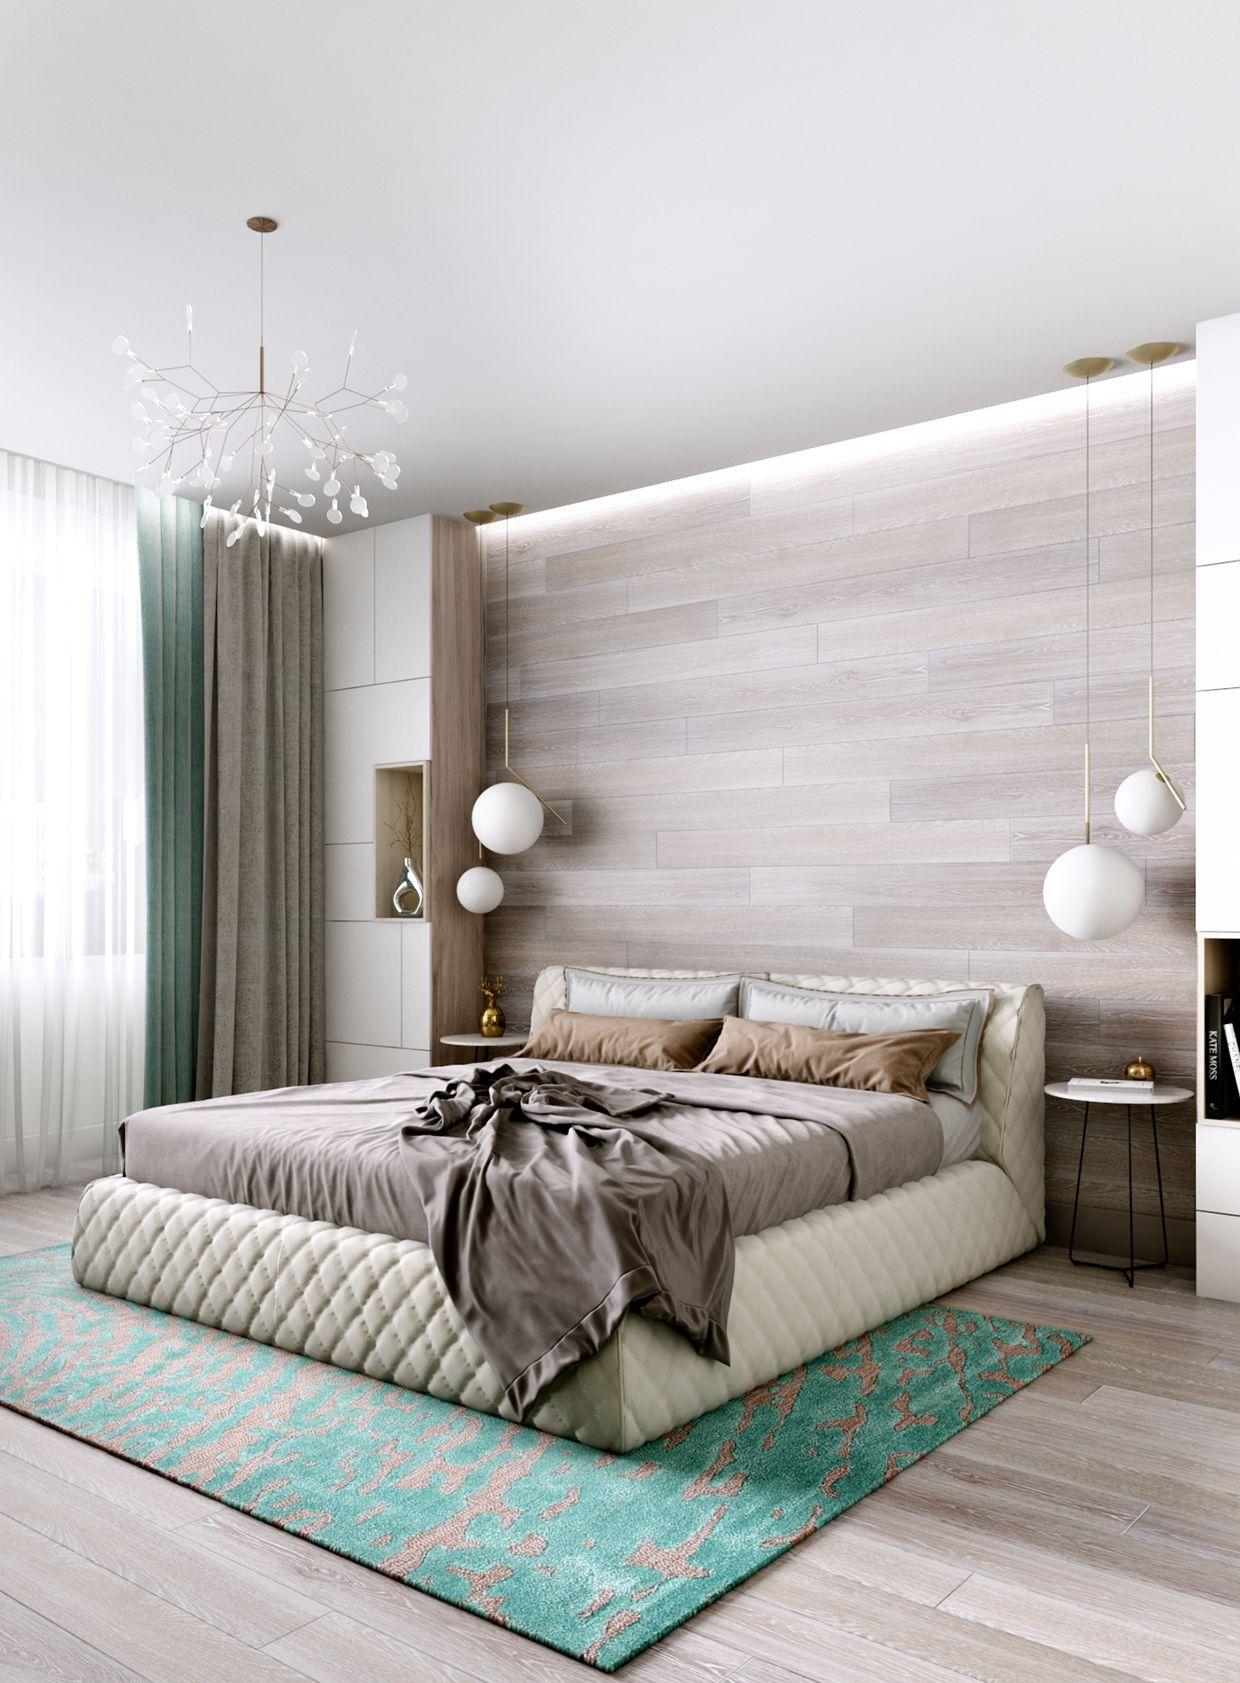 Anna grigoryan bedrooms for Dormitorio principal m6 deco